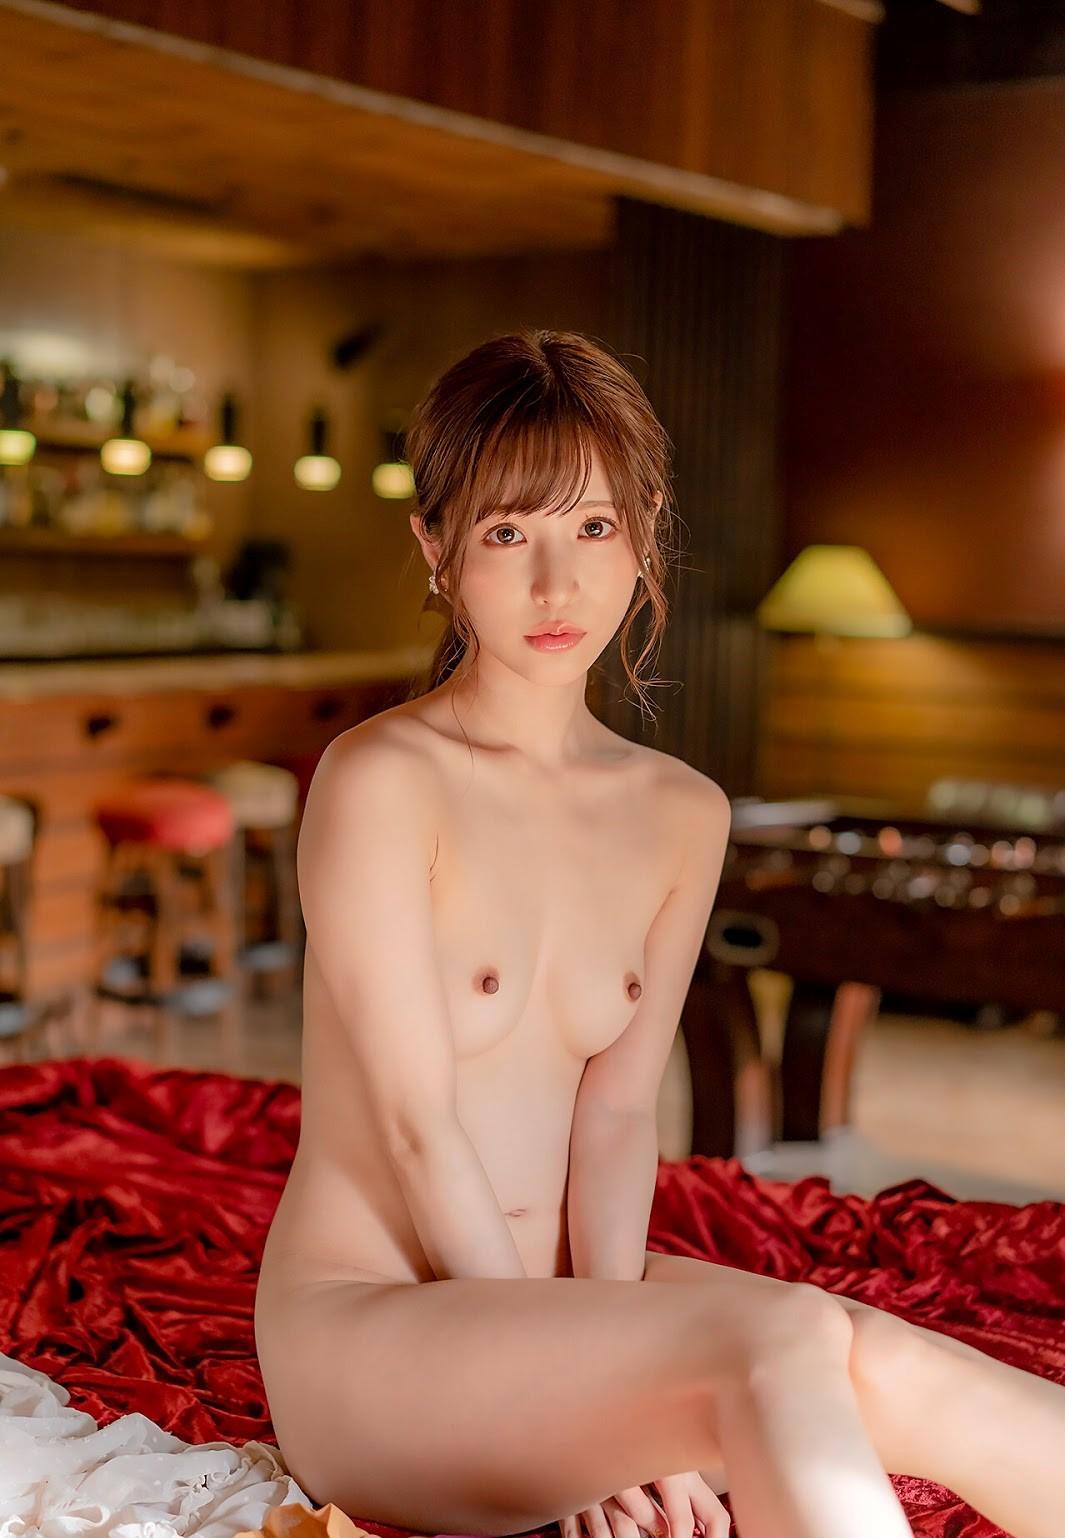 三次元 3次元 エロ画像 AV女優 天使もえ ヌード べっぴん娘通信 010